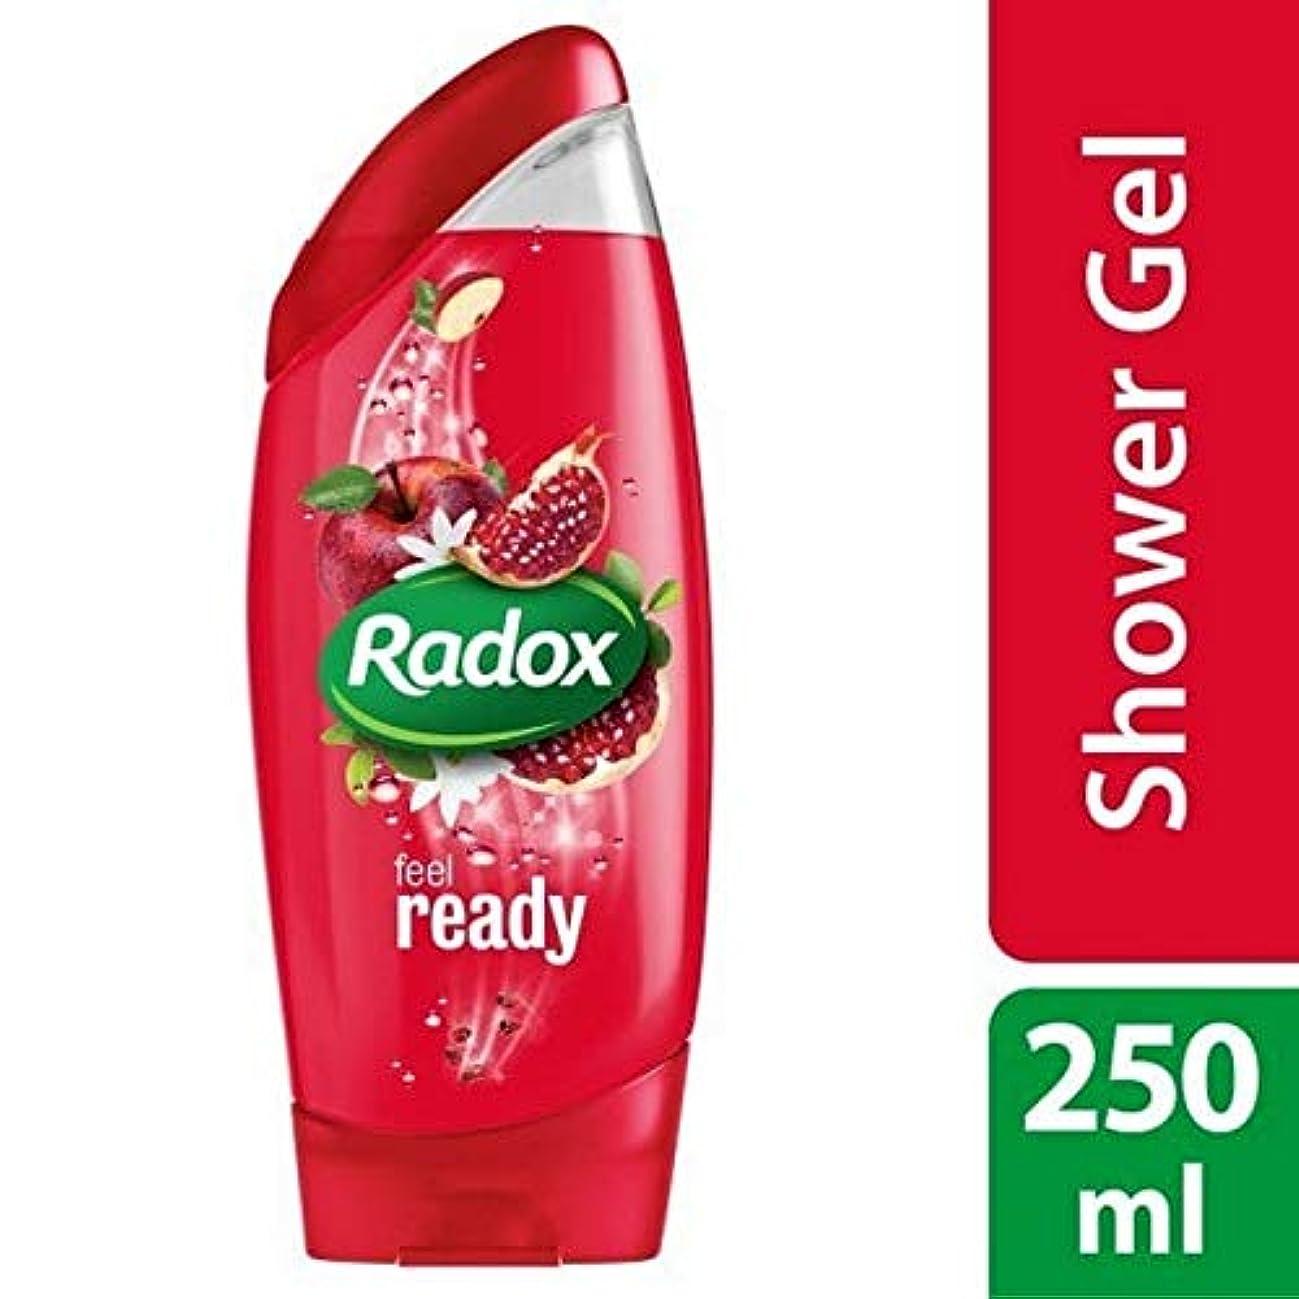 クライマックス前任者反発する[Radox] Radoxは準備ができてシャワージェル250ミリリットルを感じます - Radox Feel Ready Shower Gel 250ml [並行輸入品]